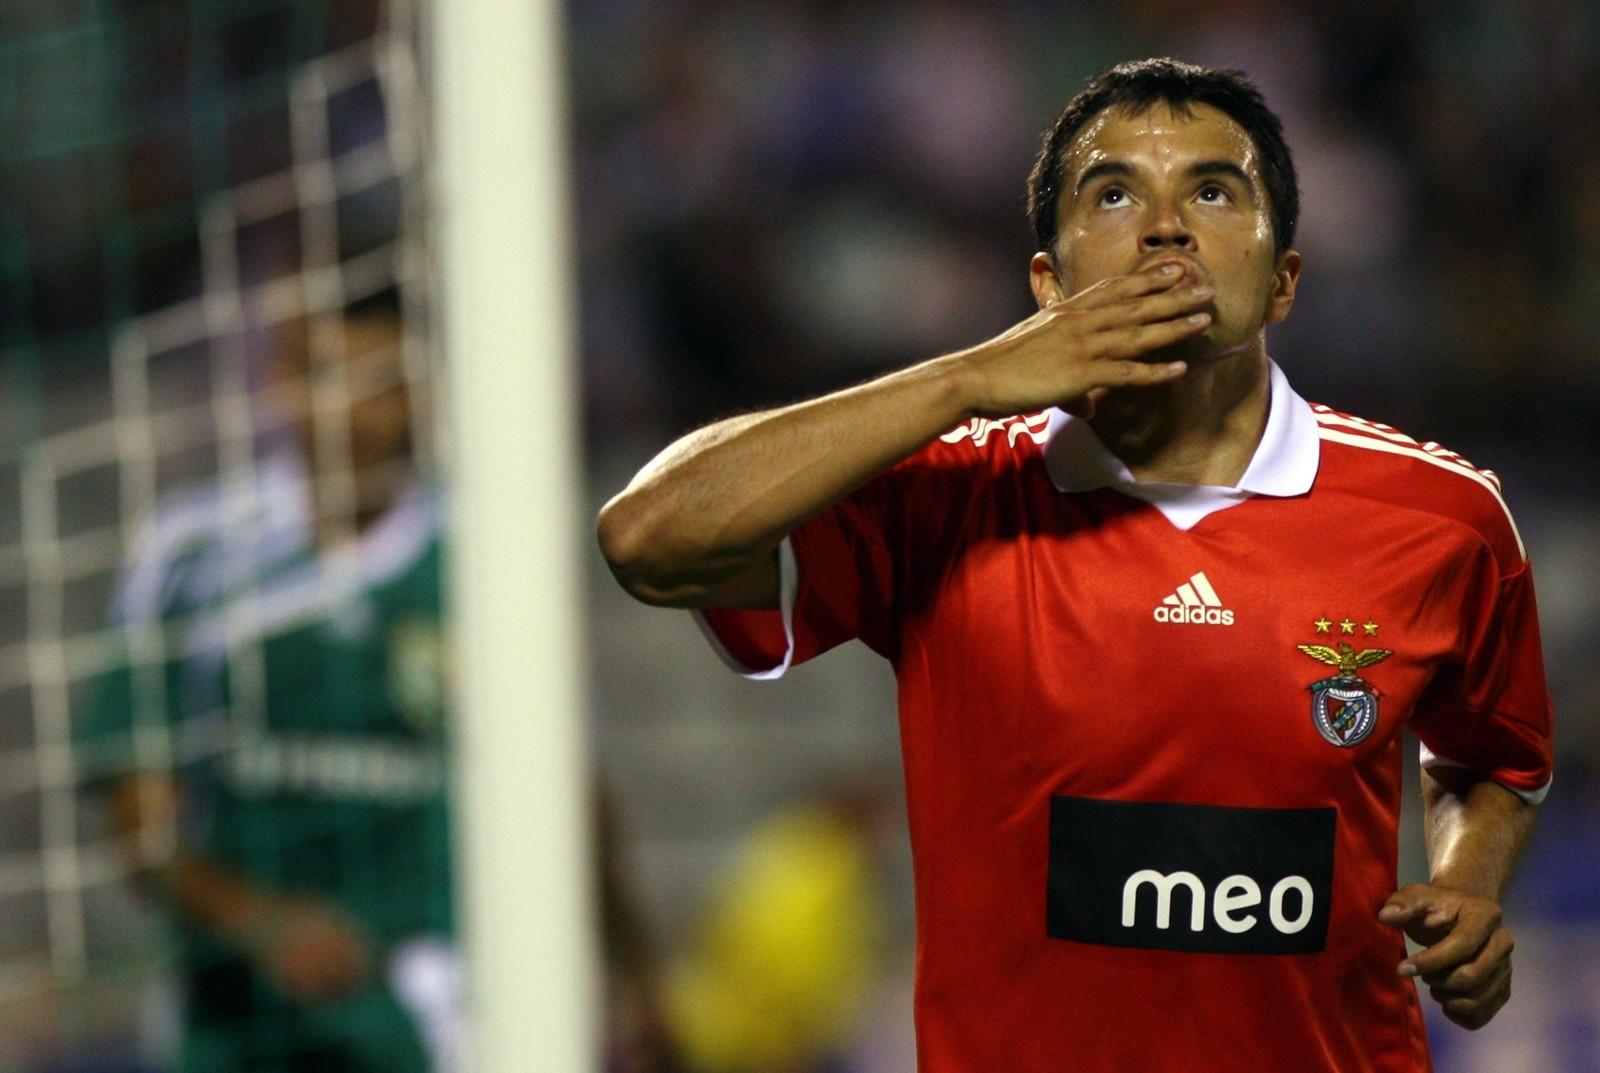 """Saviola: """"O clube que mais me surpreendeu na Europa foi o Benfica"""""""